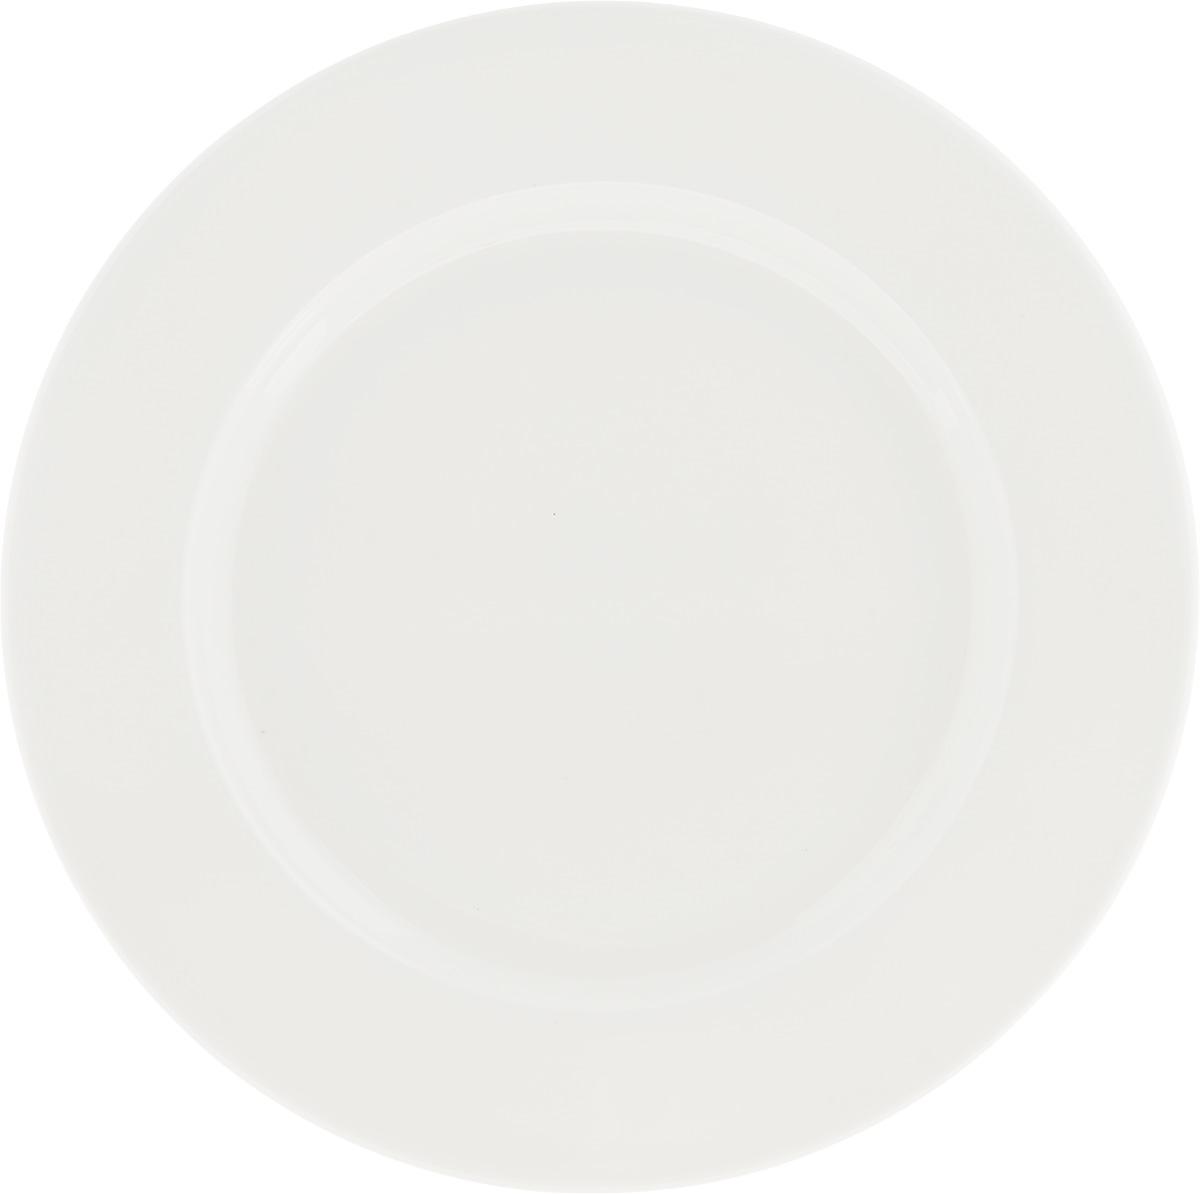 Тарелка Ariane Прайм, диаметр 19 см115510Оригинальная тарелка Ariane Прайм изготовлена из высококачественного фарфора с глазурованным покрытием. Изделие круглой формы идеально подходит для сервировки закусок и других блюд. Такая тарелка прекрасно впишется в интерьер вашей кухни и станет достойным дополнением к кухонному инвентарю. Можно мыть в посудомоечной машине и использовать в микроволновой печи. Диаметр тарелки (по верхнему краю): 19 см.